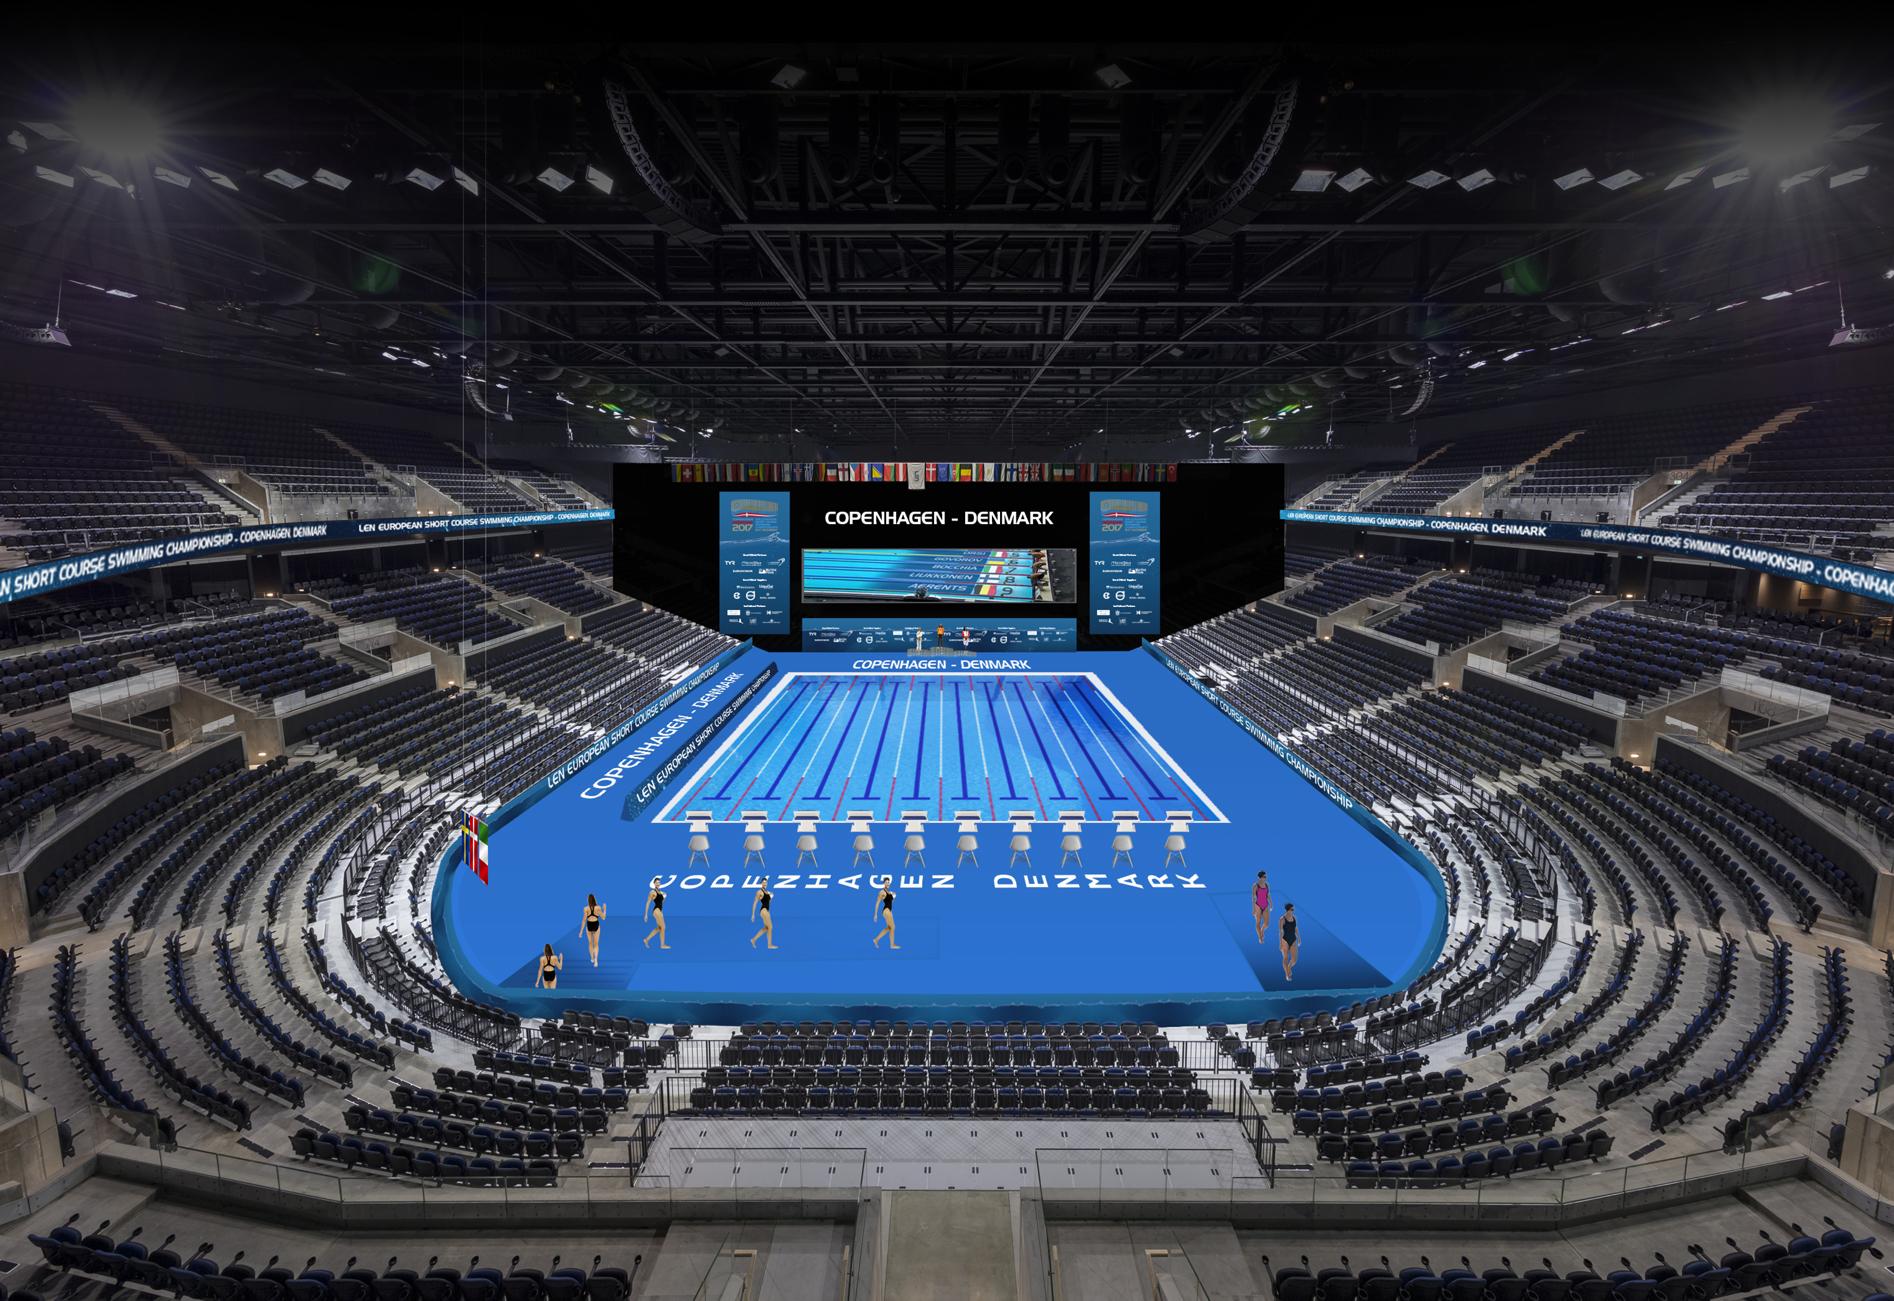 Nyhed A Fantastic Transformation In Royal Arena Dansk Svømmeunion